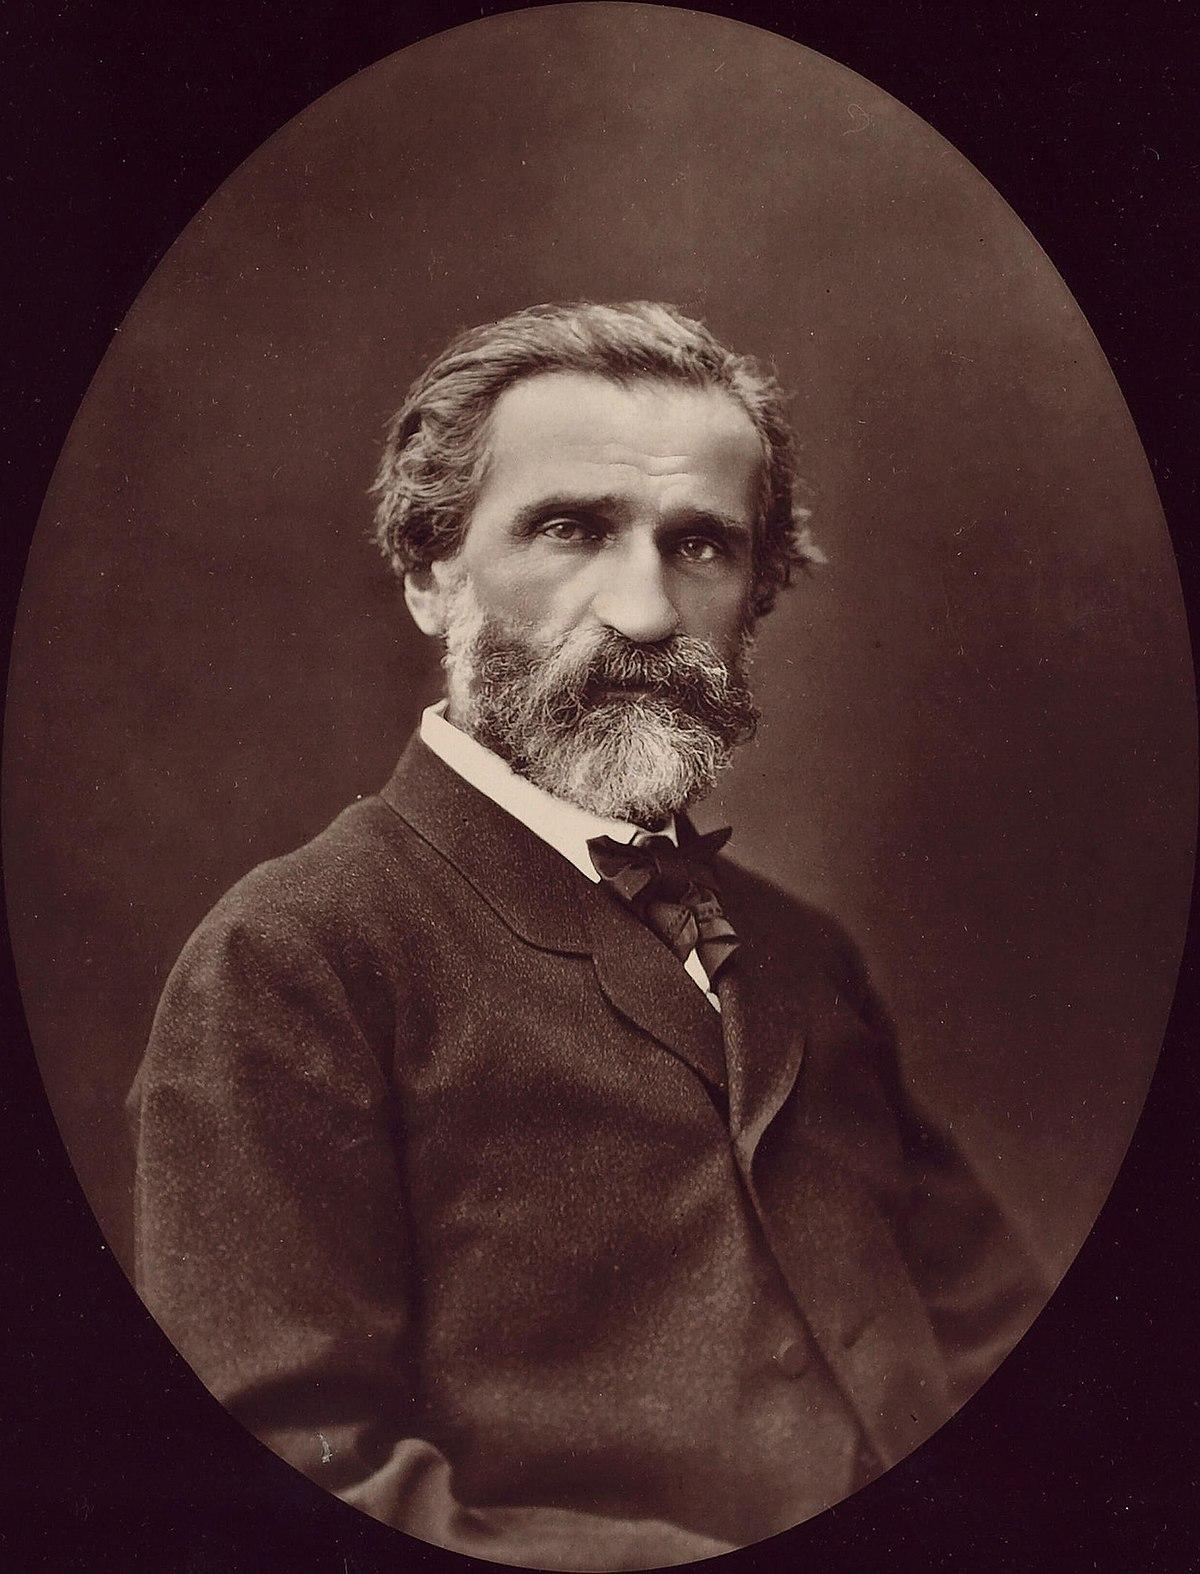 Giuseppe Verdi Verdi - Walter Goehr - Rigoletto